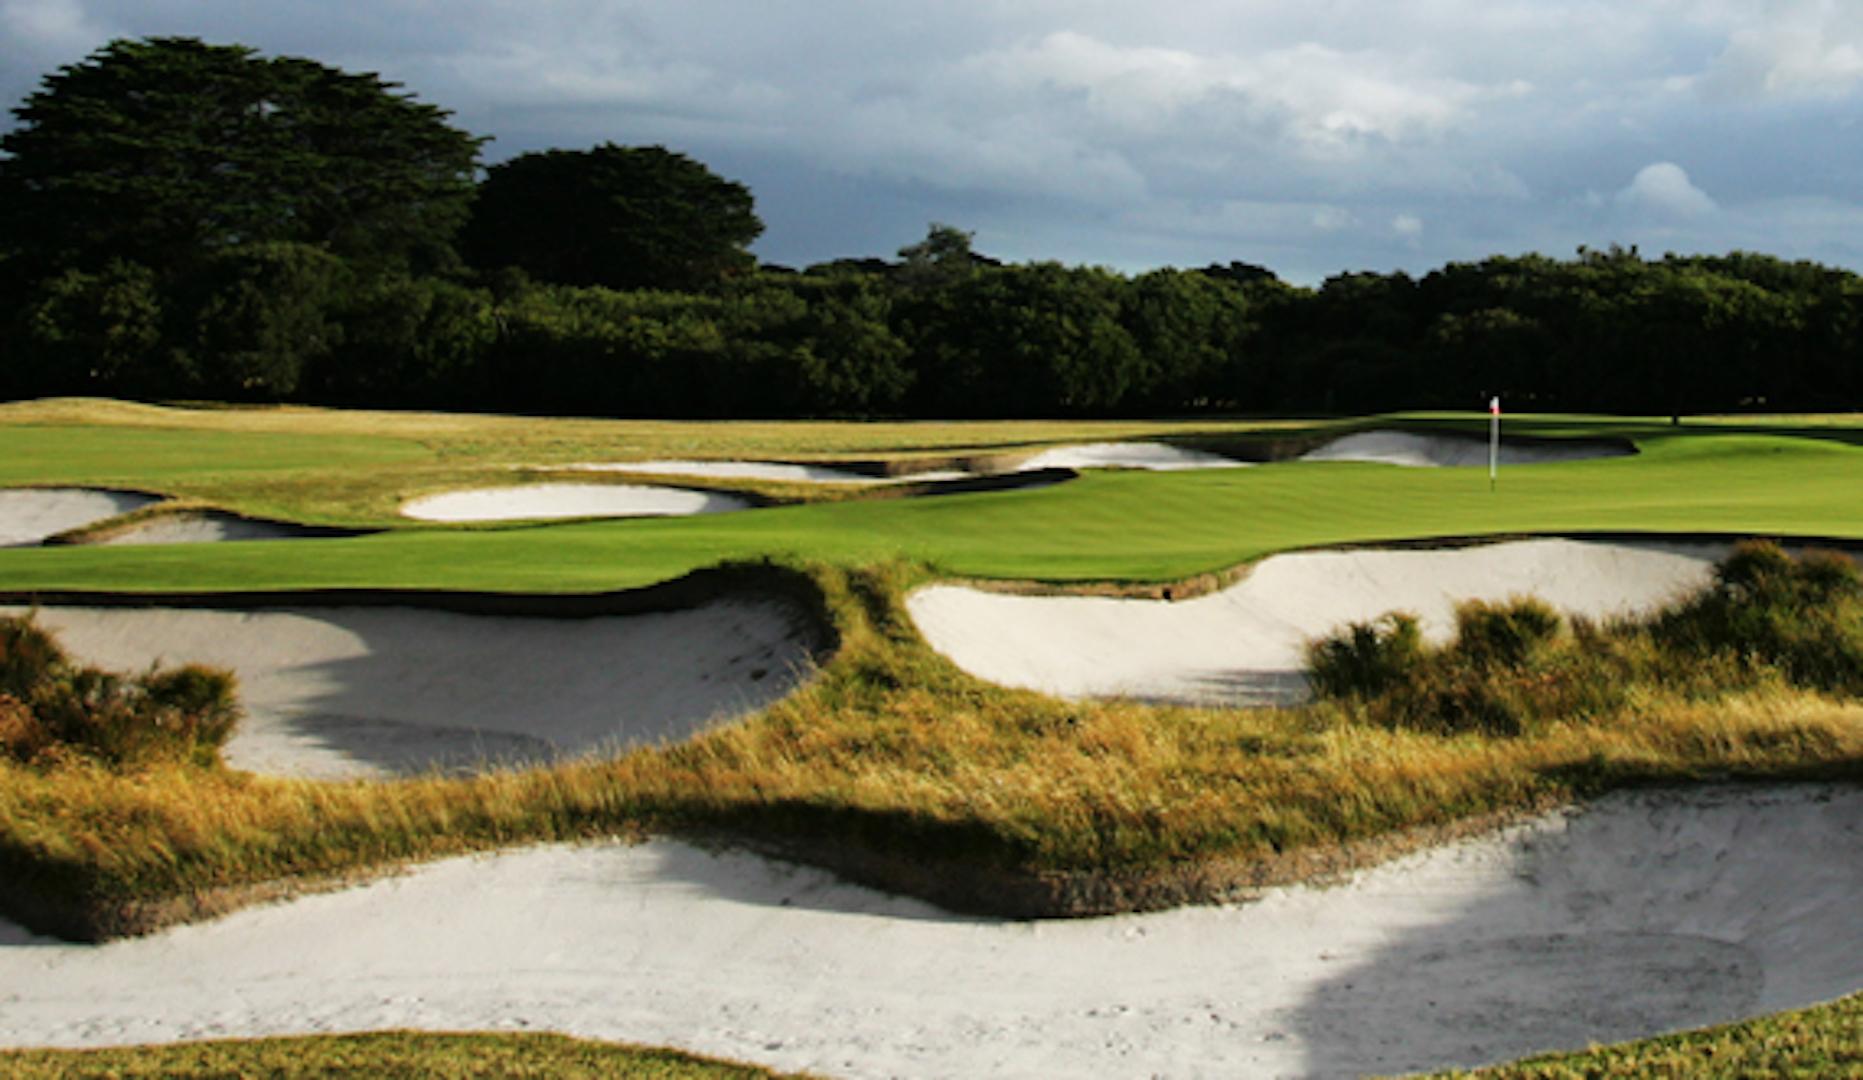 Top five Alister MacKenzie courses that aren't Augusta